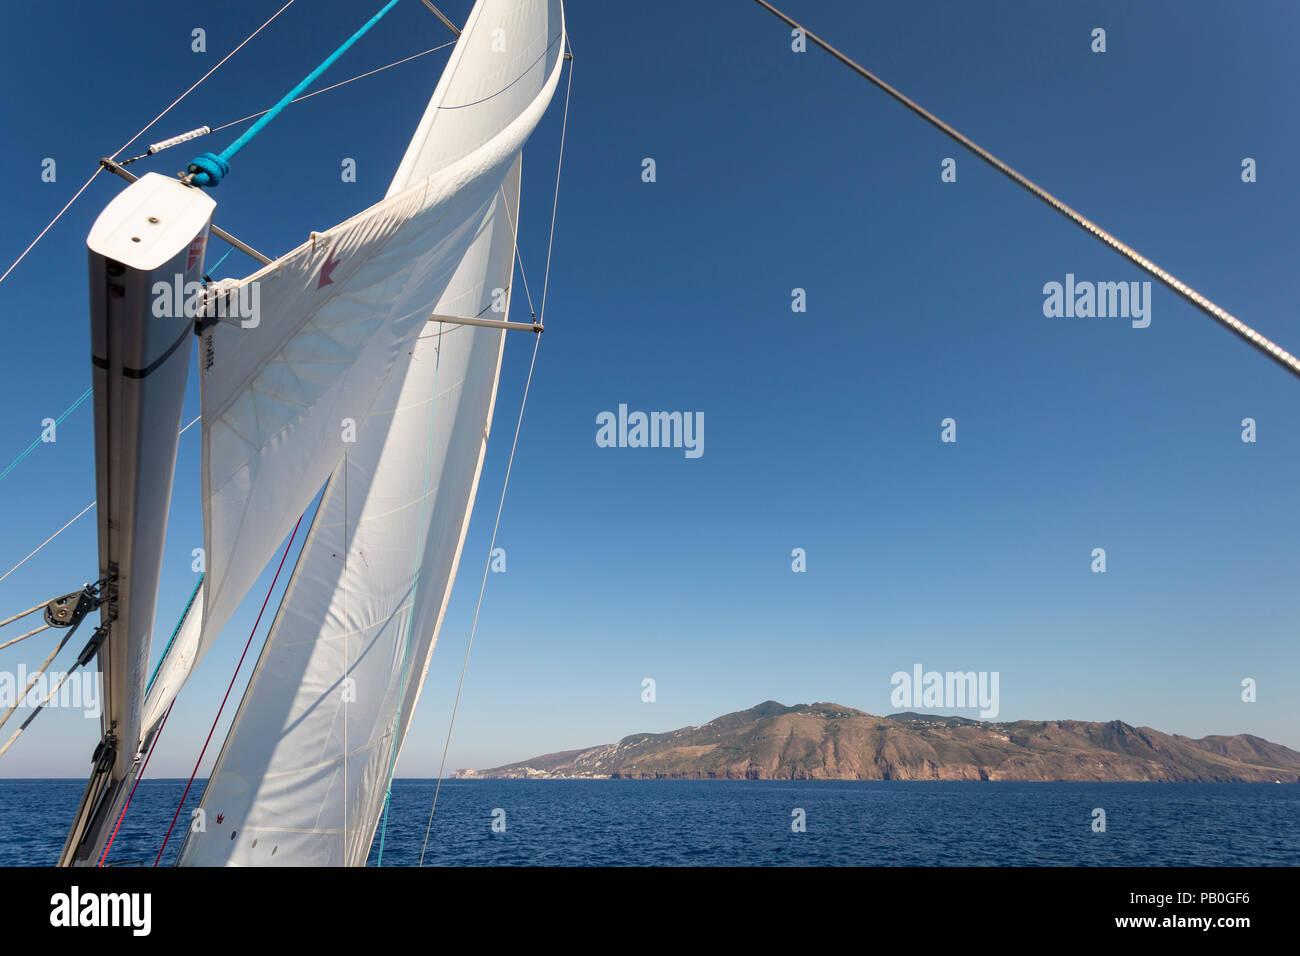 Segeln die Äolischen Inseln Lipari, Sizilien. Stockbild